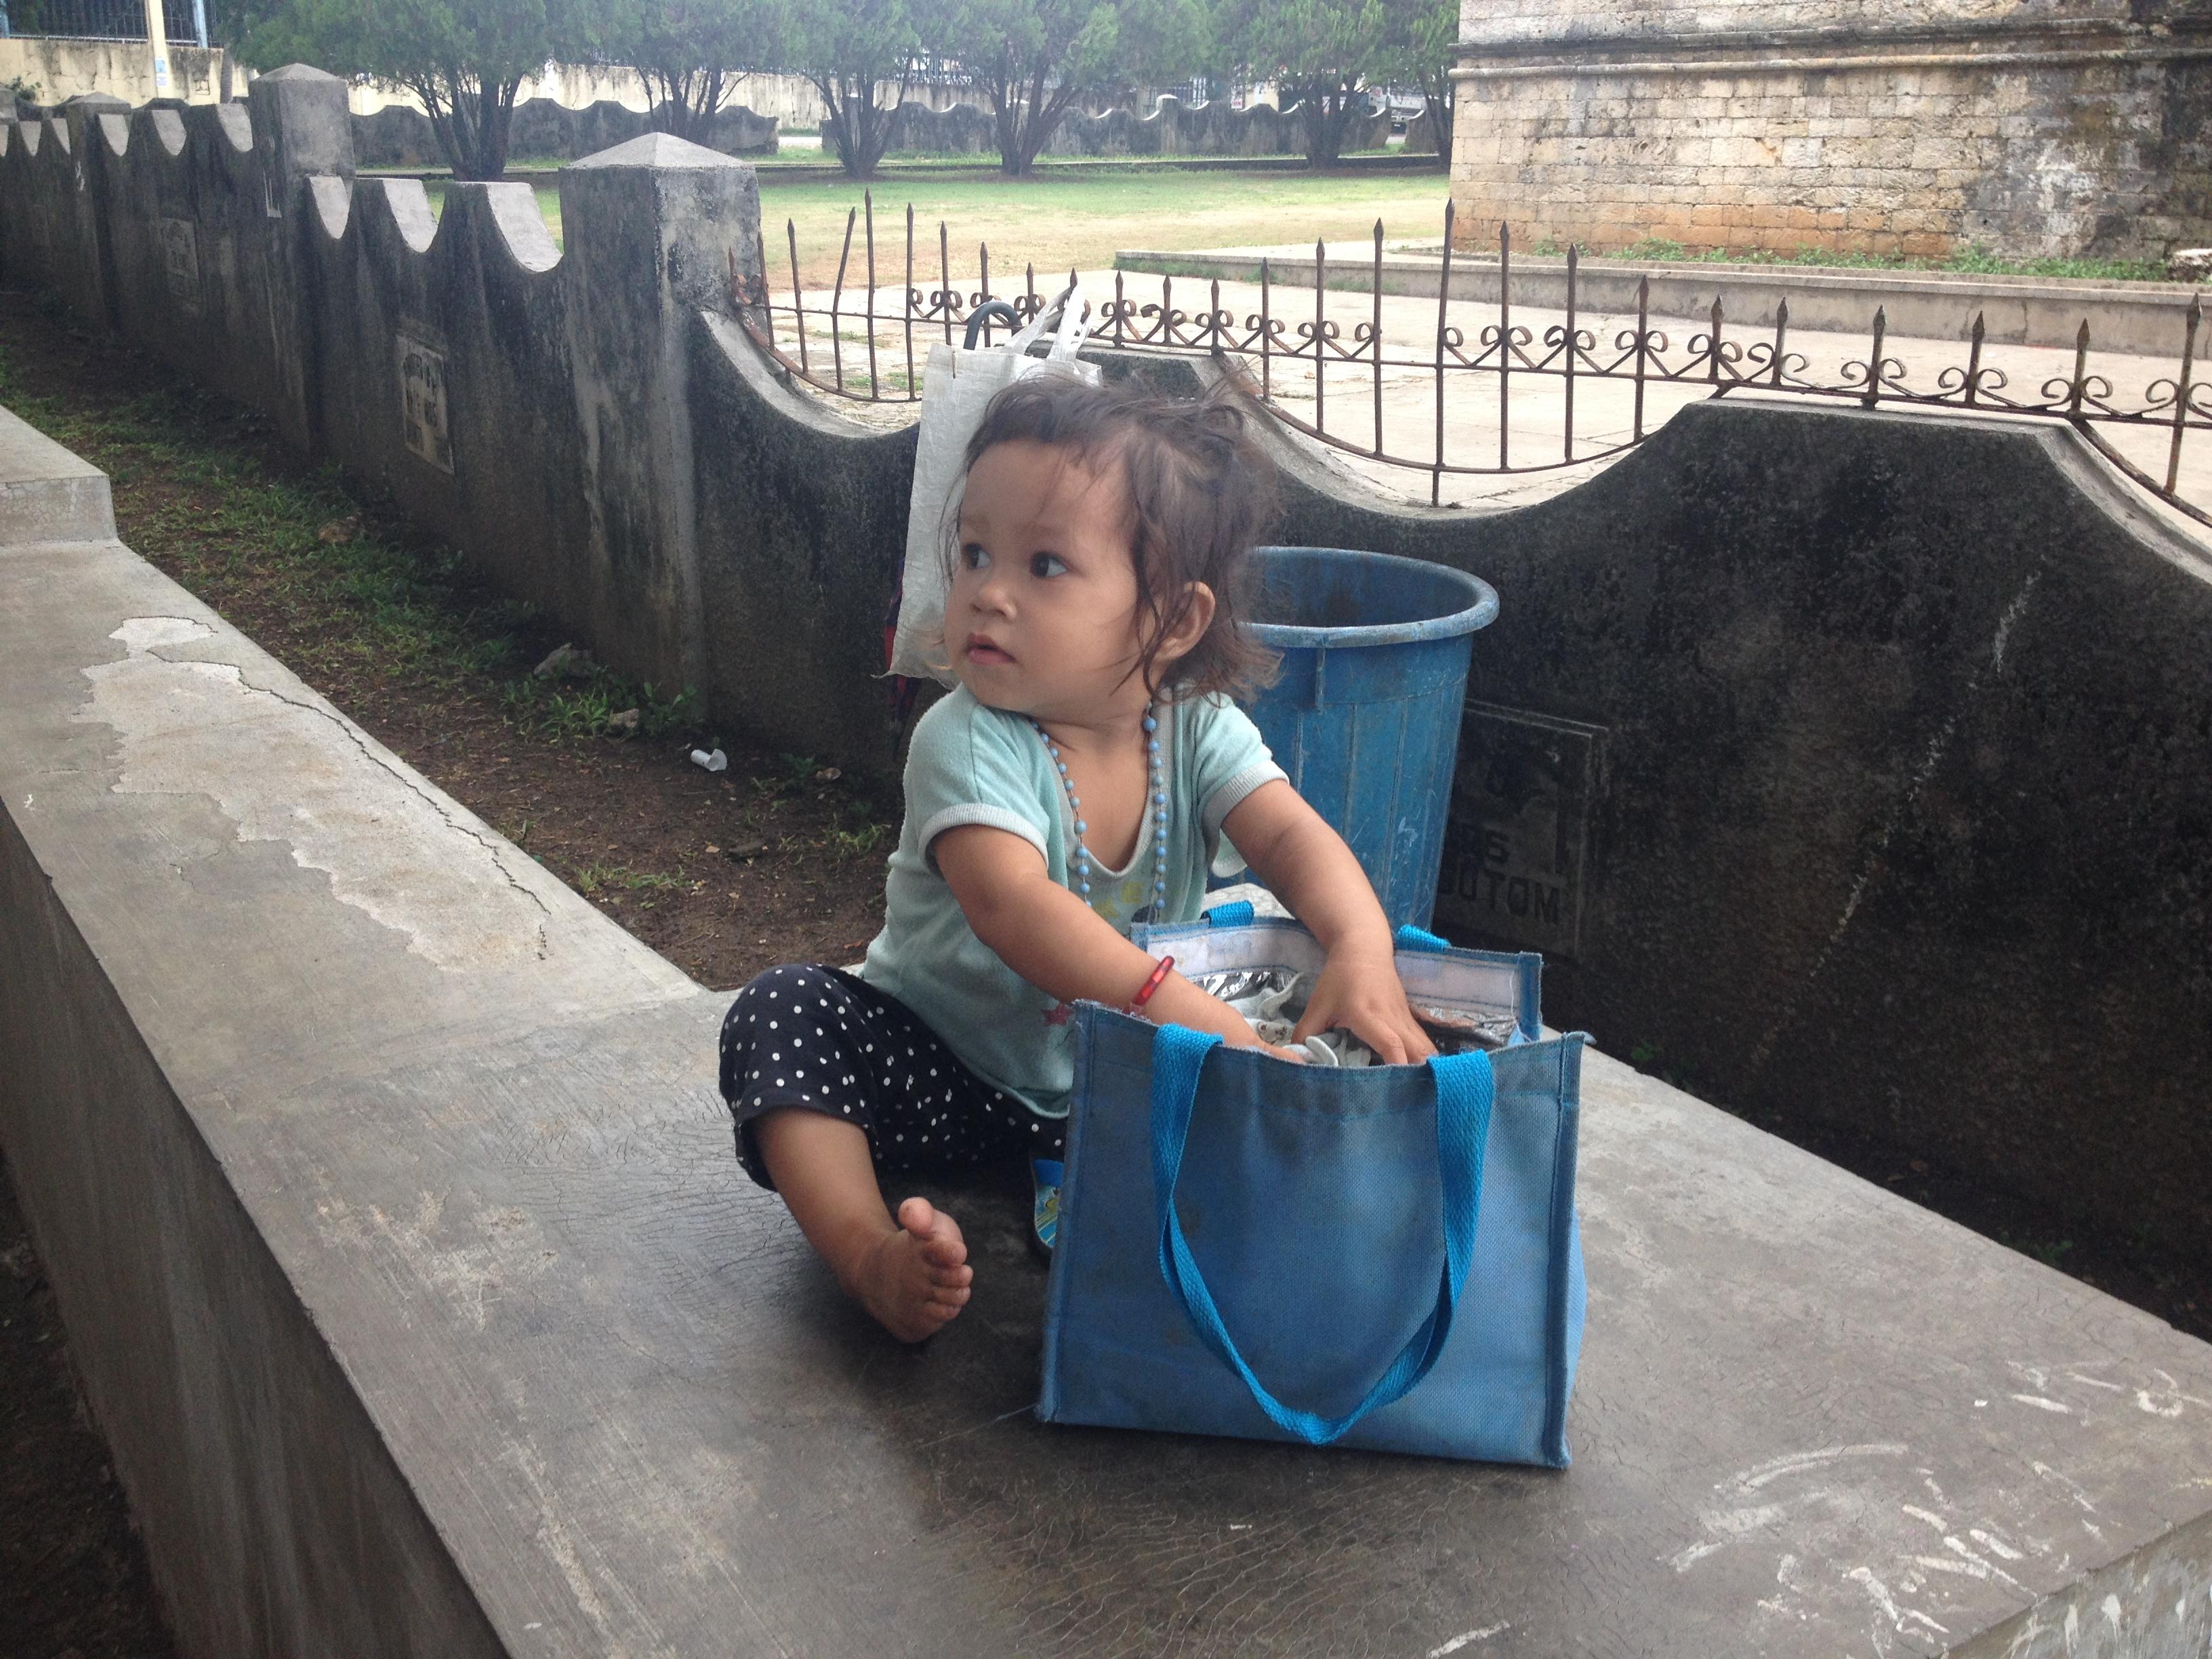 Bimba aspetta la sorella all'uscita da scuola @oltreilbalcone